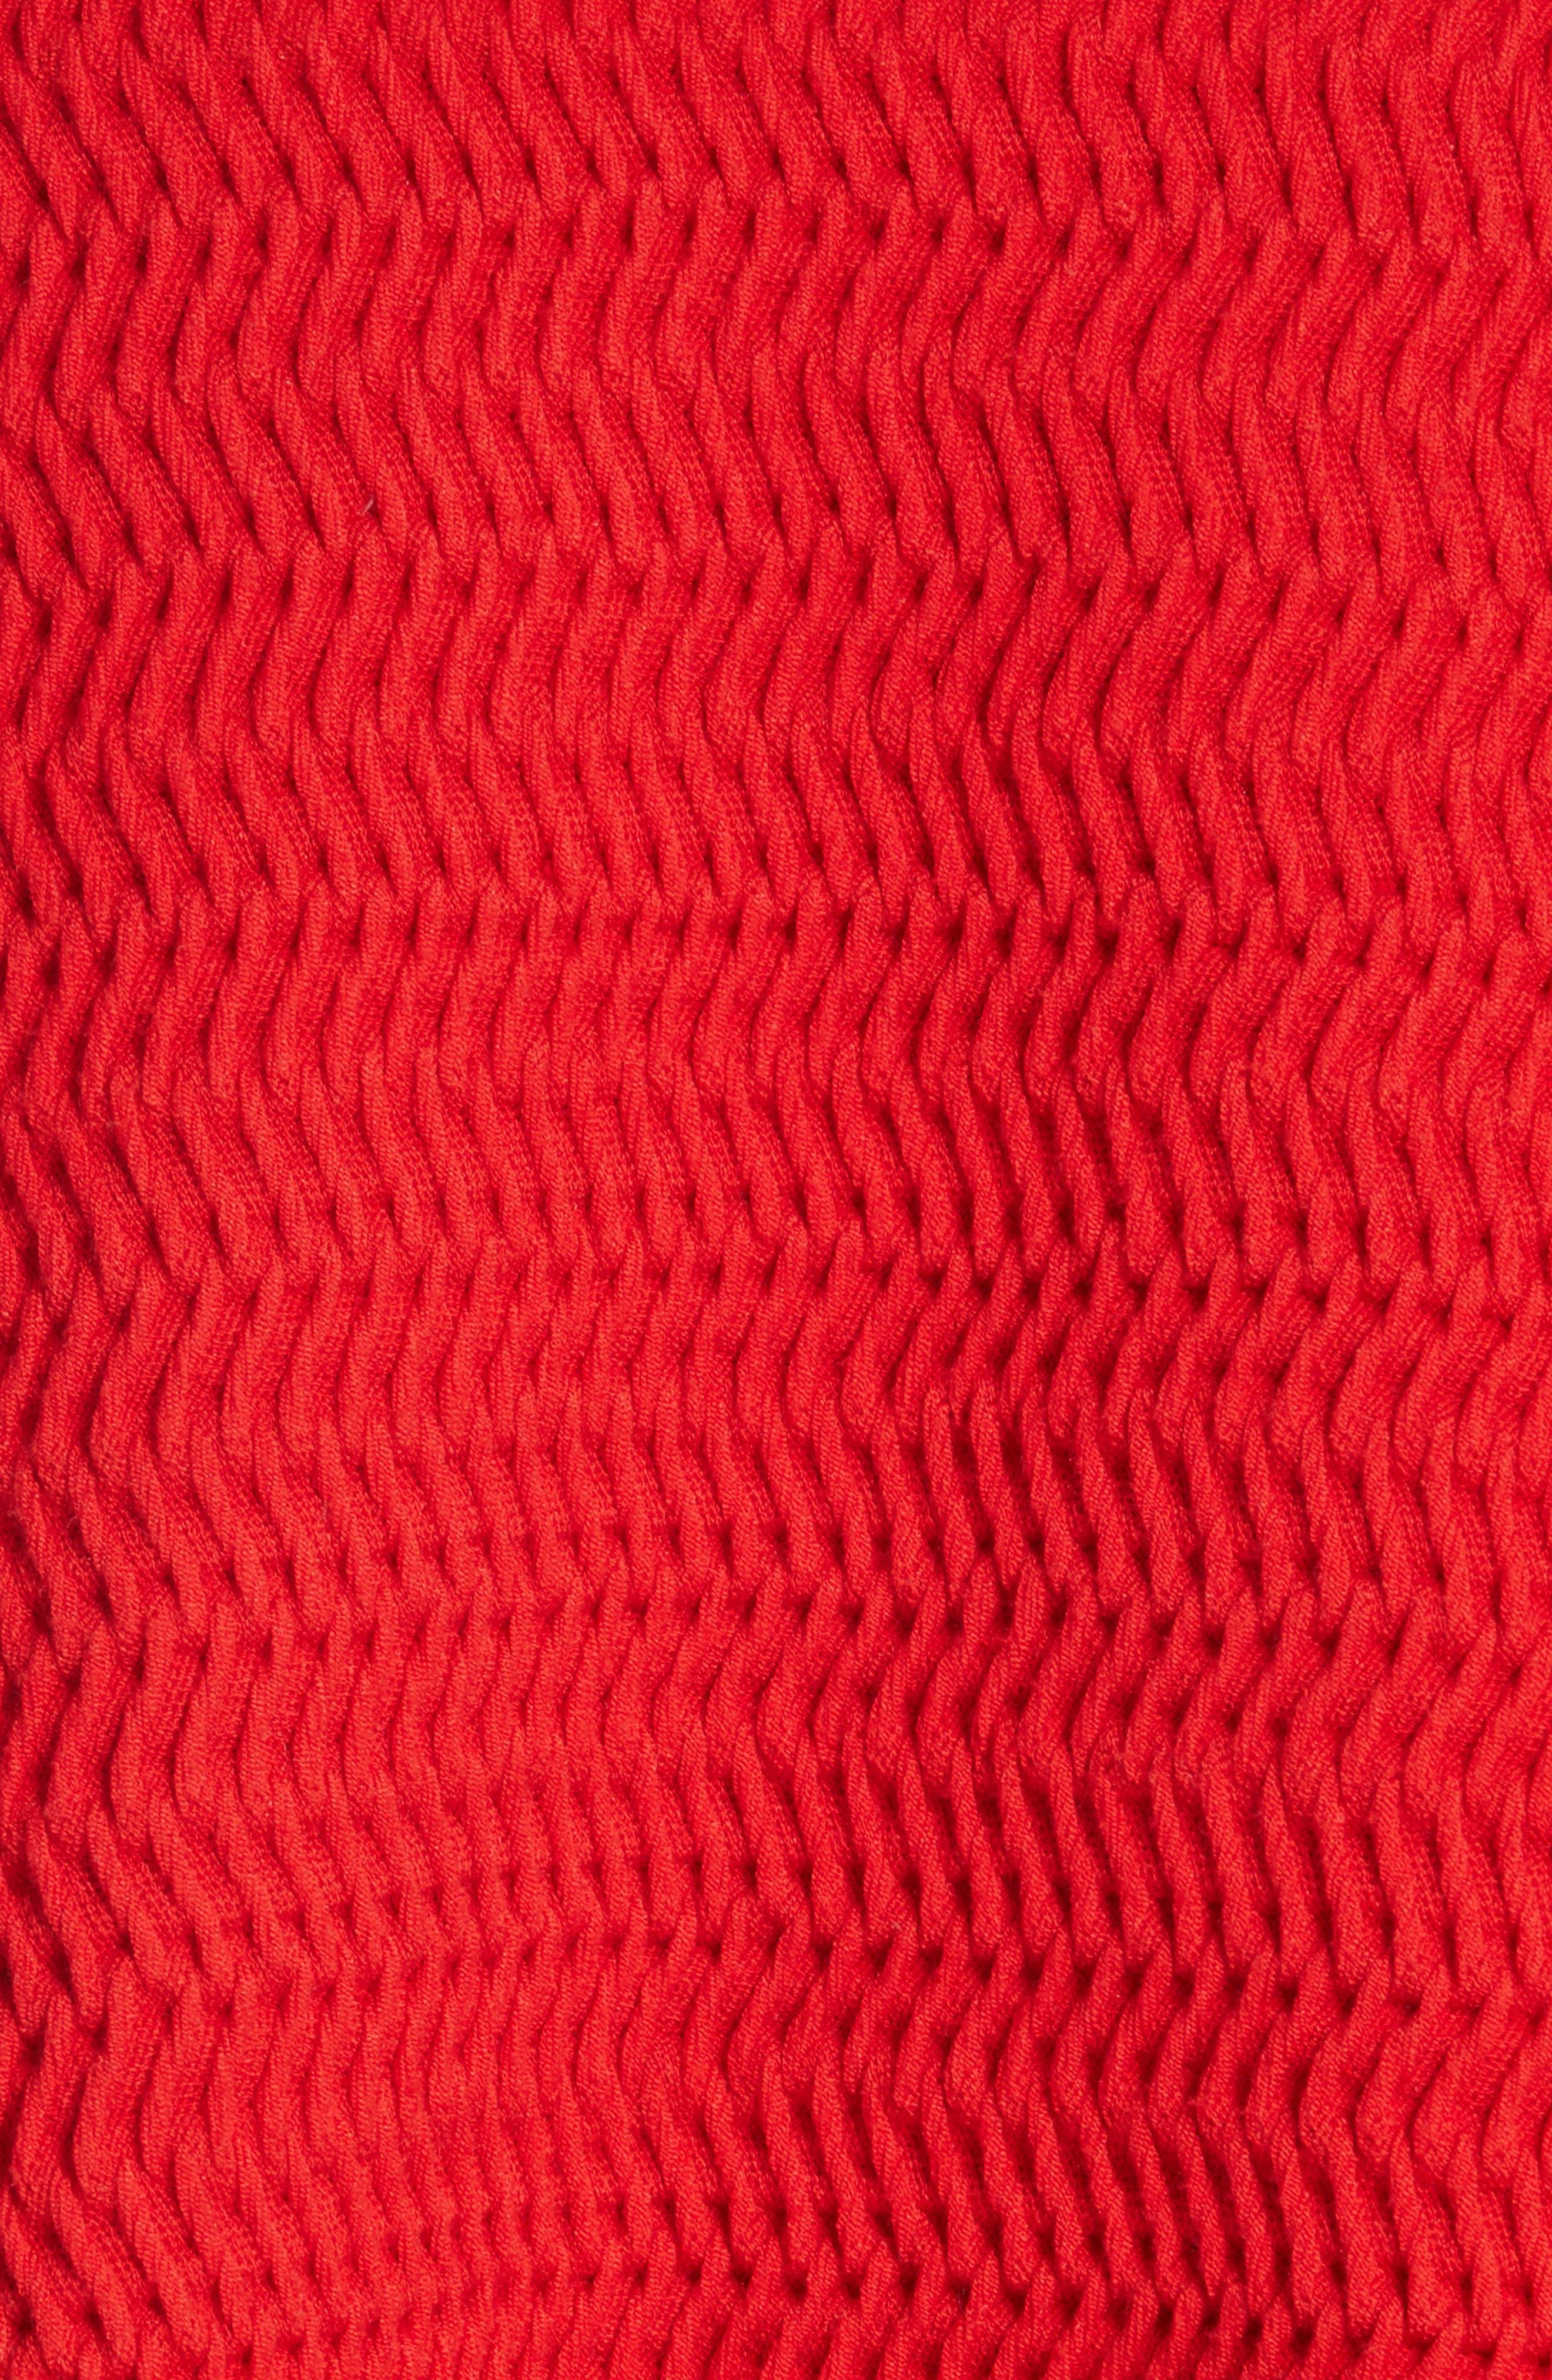 Faux Plait Silk Blend Crop Sweater,                             Alternate thumbnail 5, color,                             Poppy